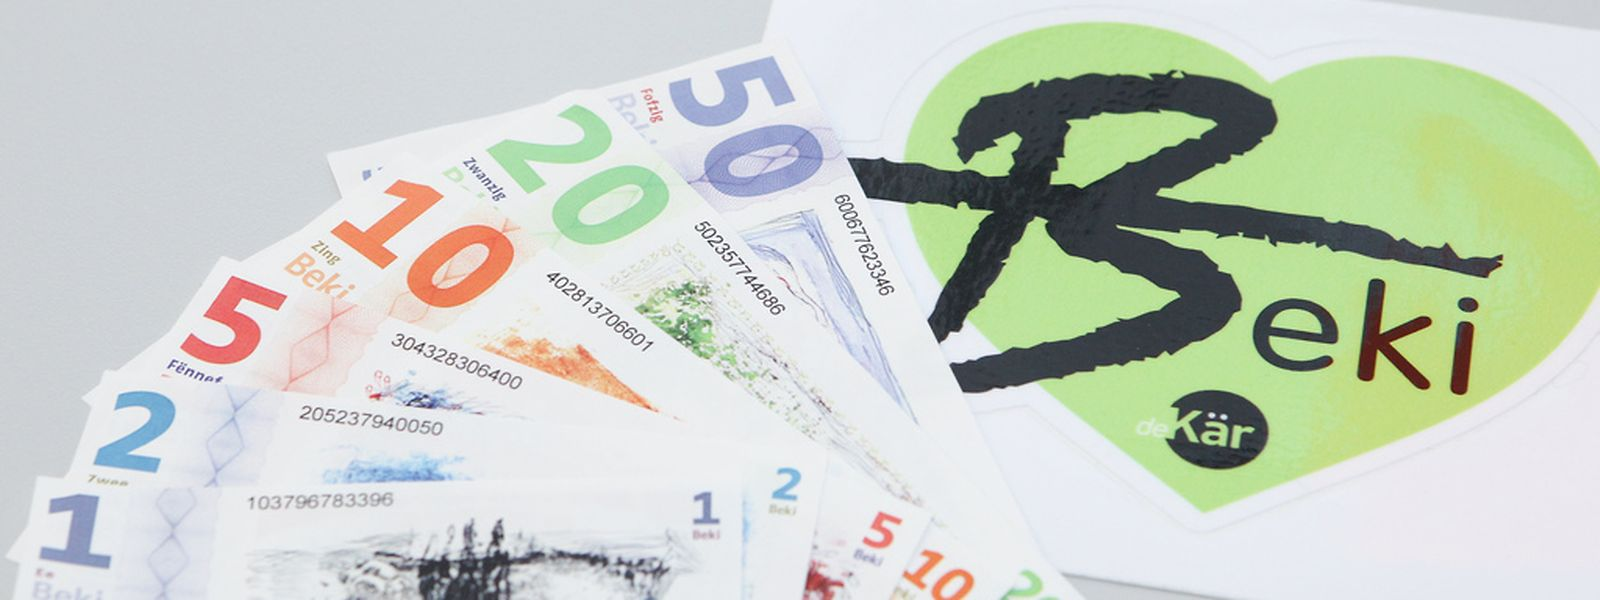 """Seit dem 1. Januar 2013 kann man den """"Beki"""" als komplementäres Zahlungsmittel im Redinger Kanton nutzen."""